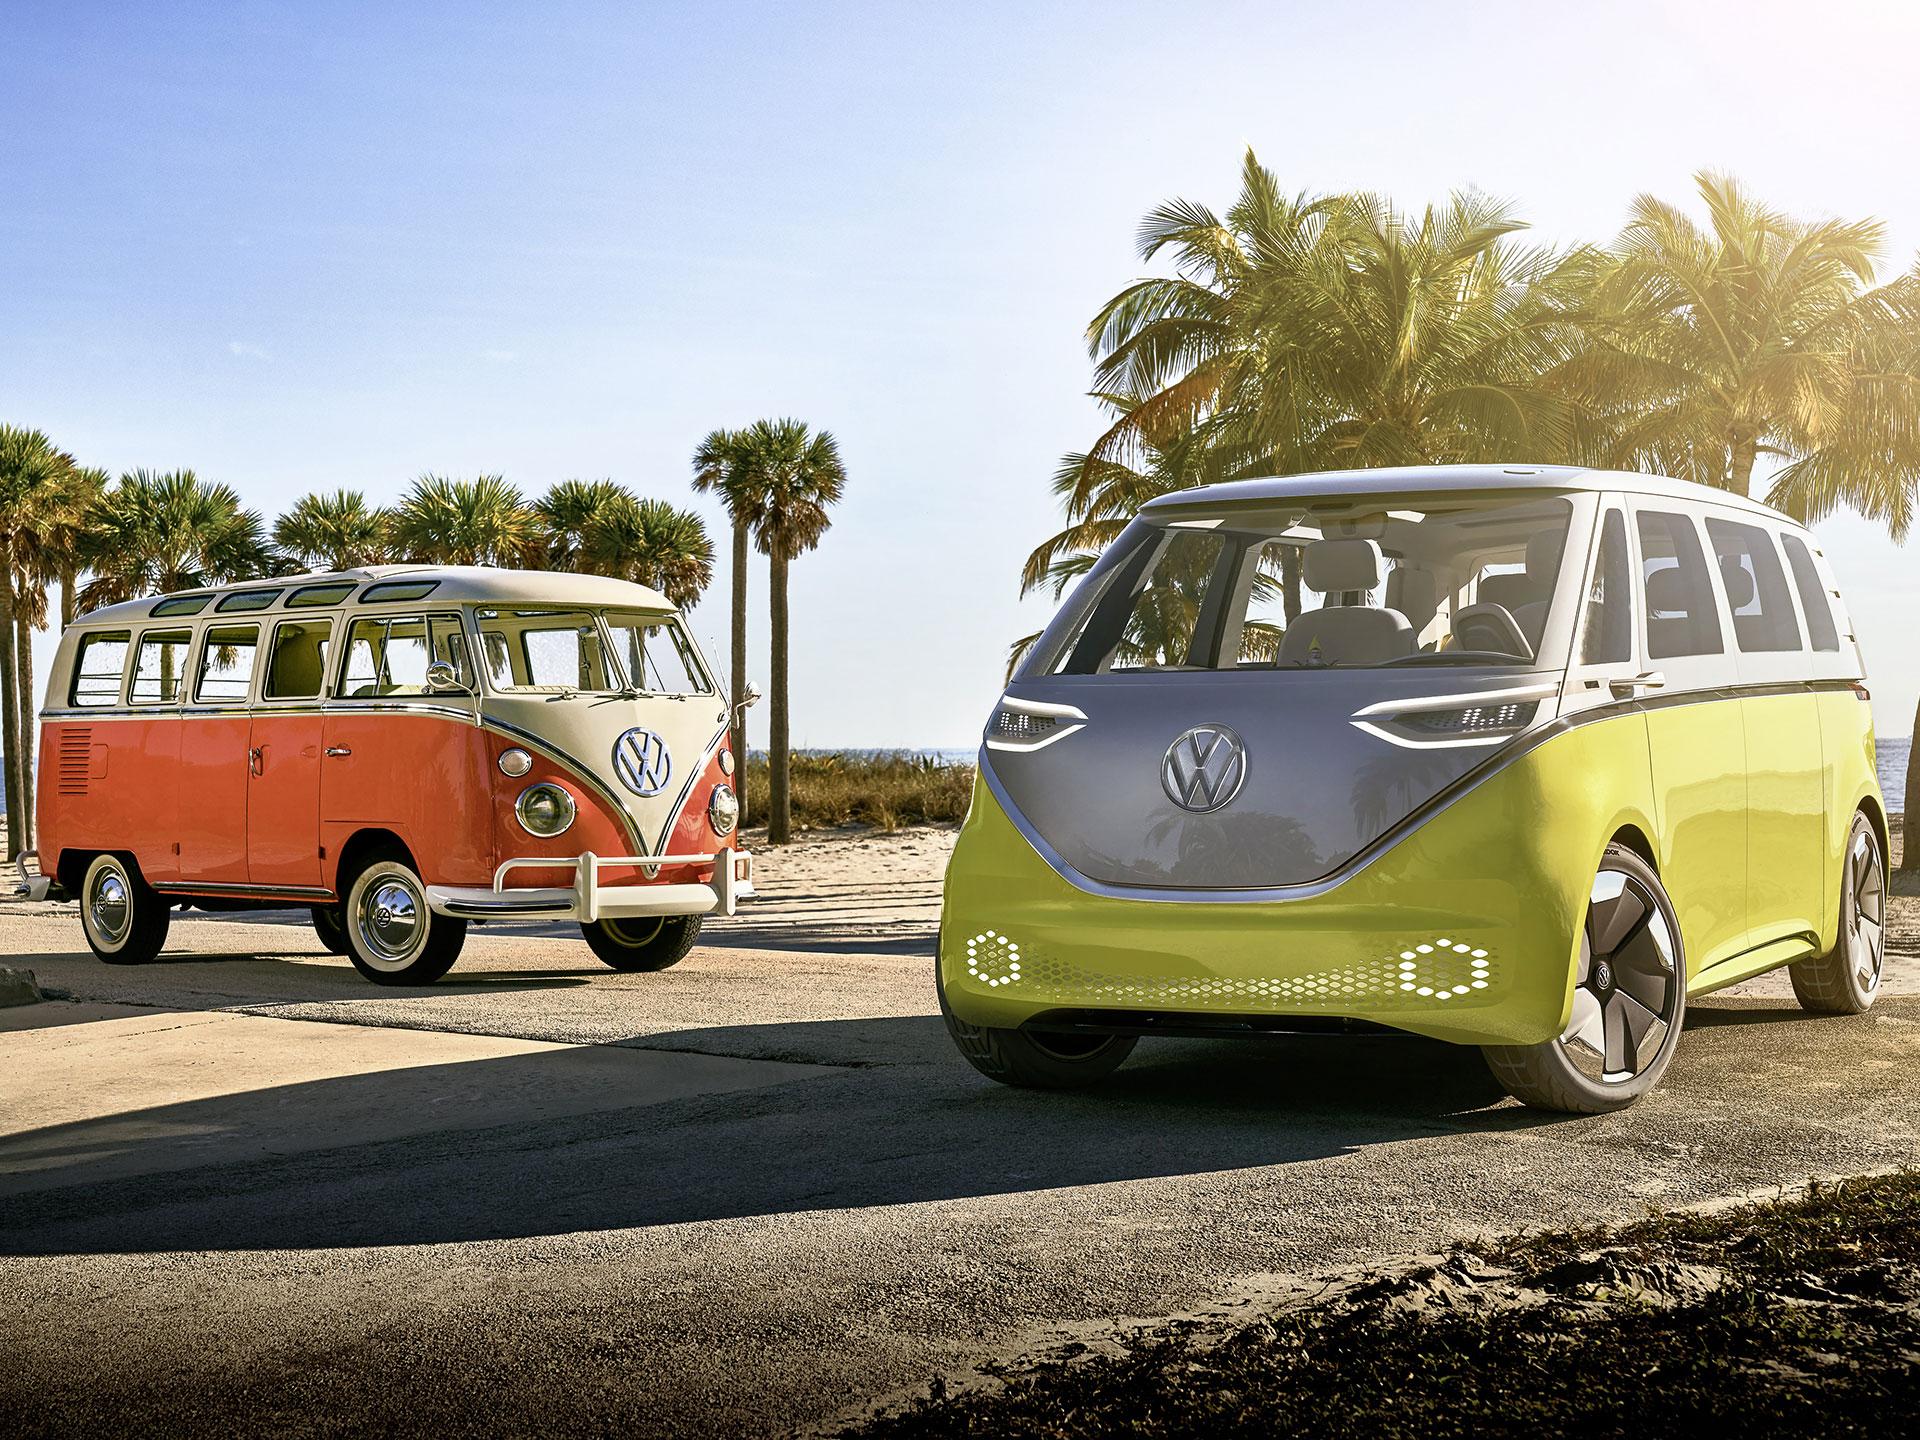 Volkswagen anunció que volverá a fabricar la Combi, ahora basado en su concept ID Buzz. Foto: Volkswagen